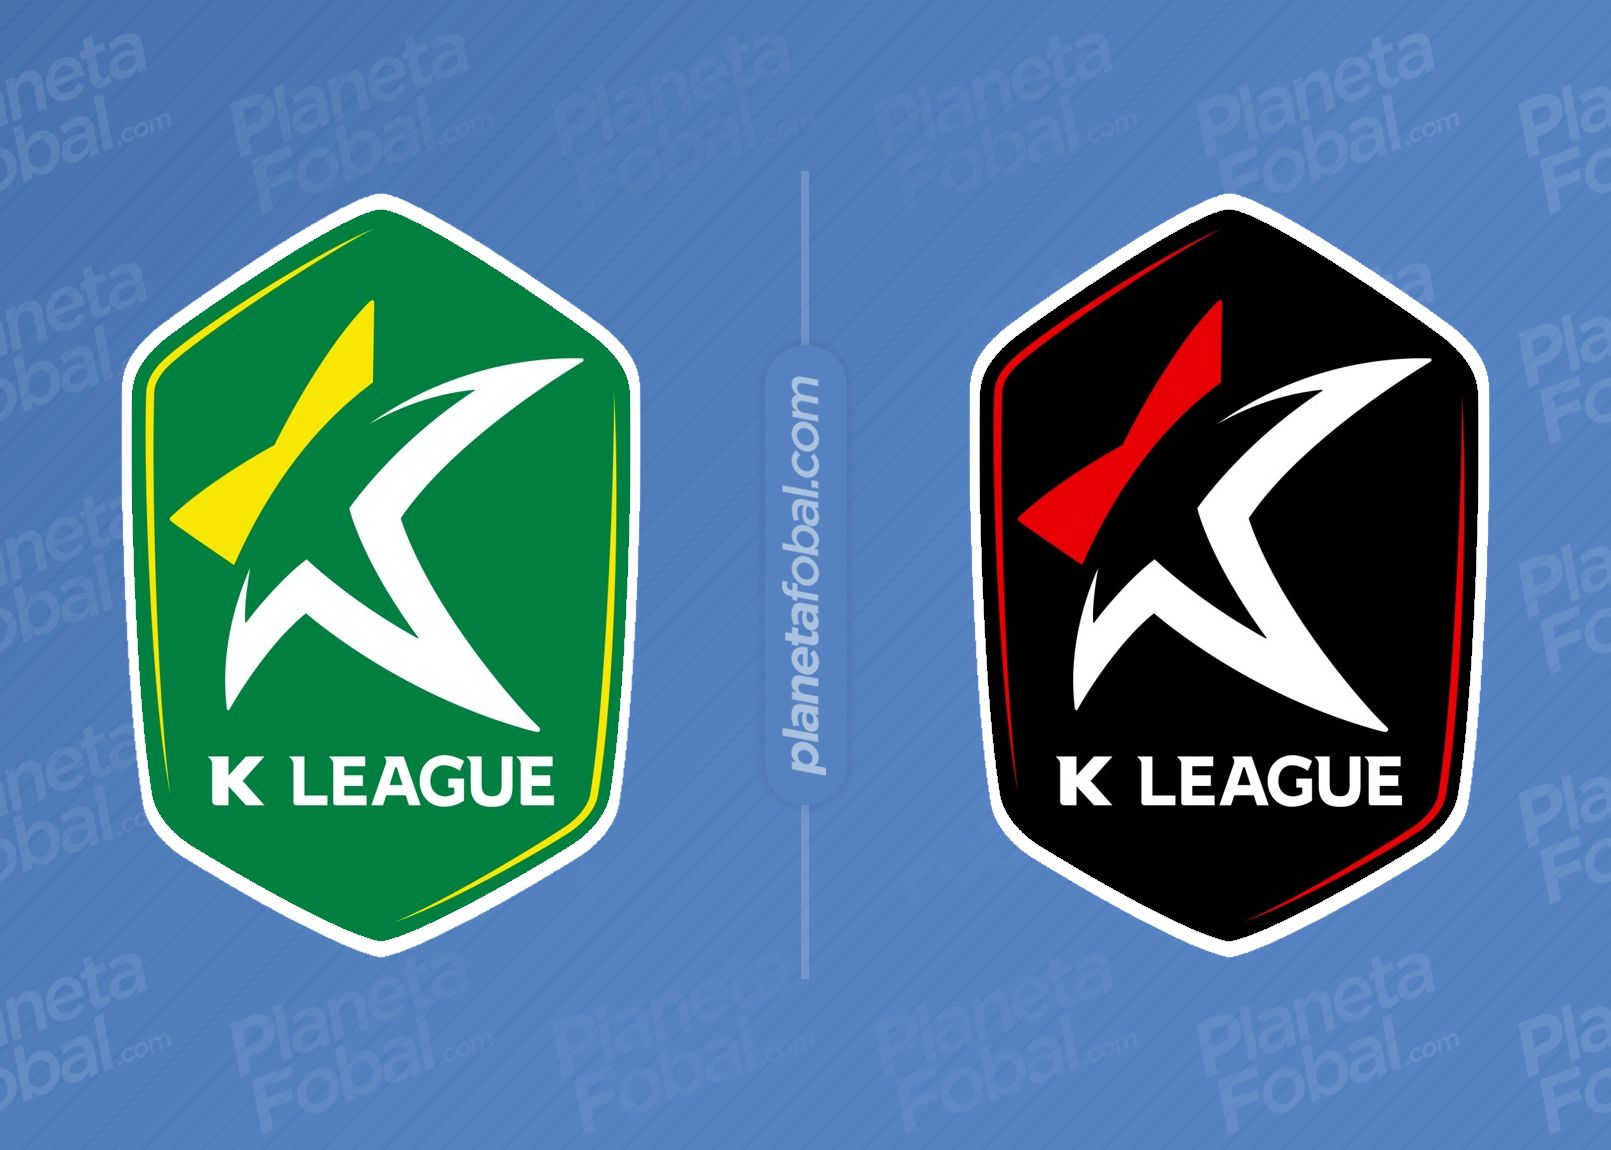 Los parches que lucirán las camisetas en la K League de Corea del Sur | Imagen Web Oficial